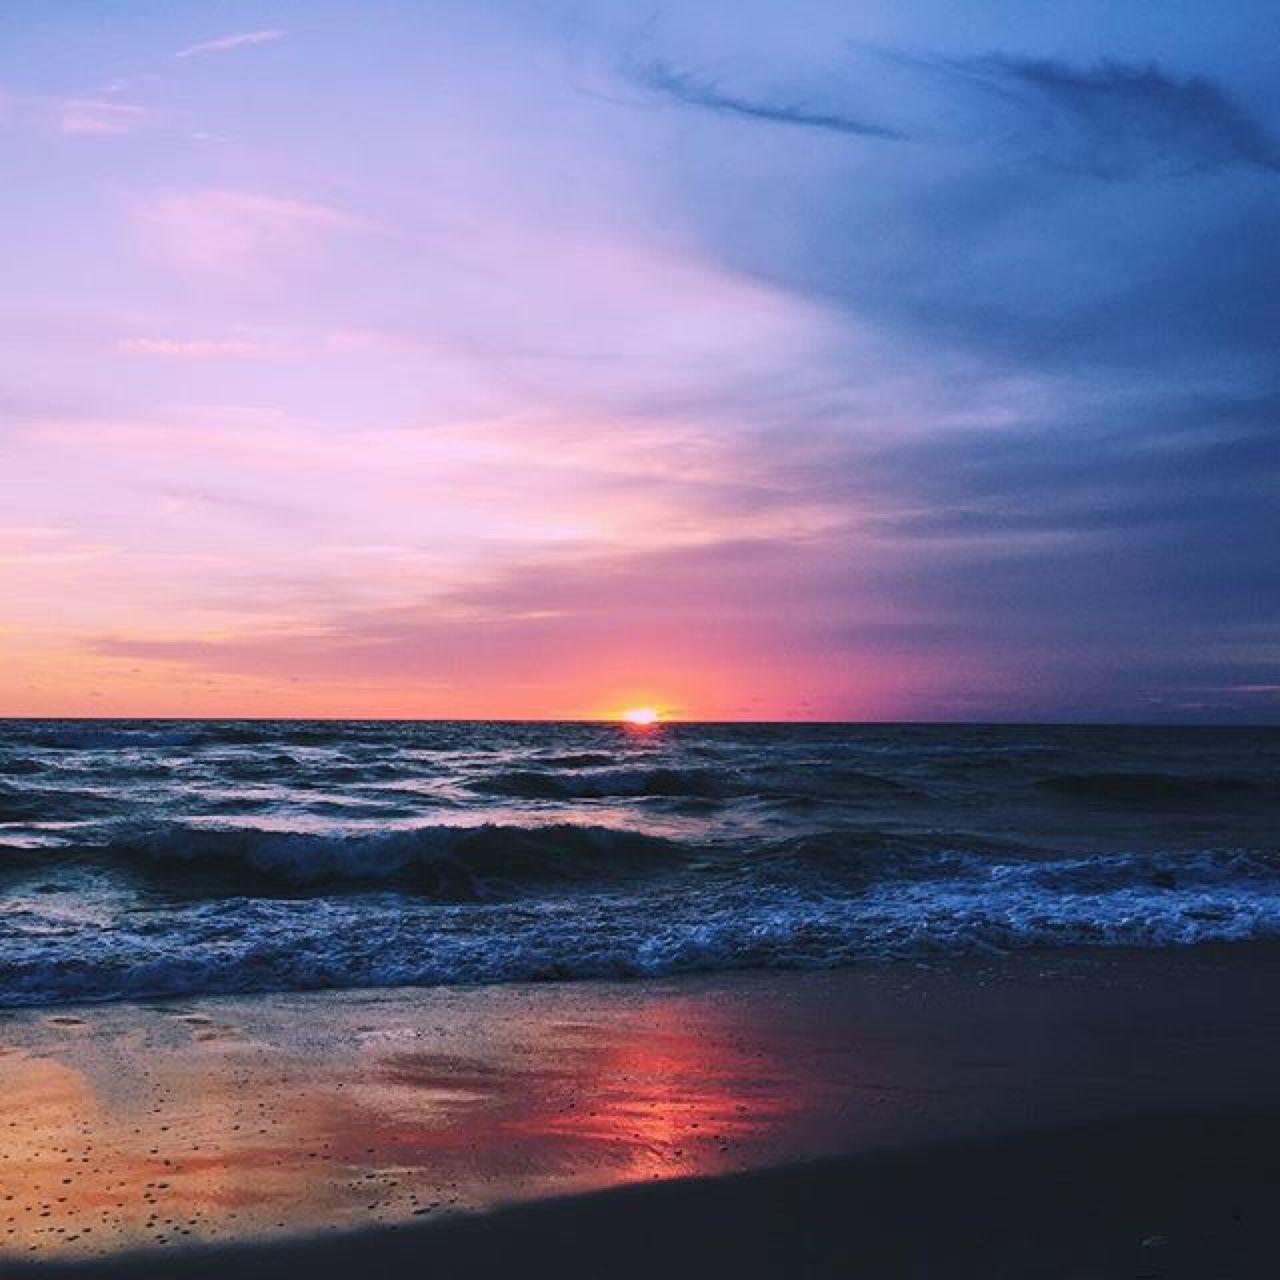 Ocean Sunset Aesthetic Wallpaper